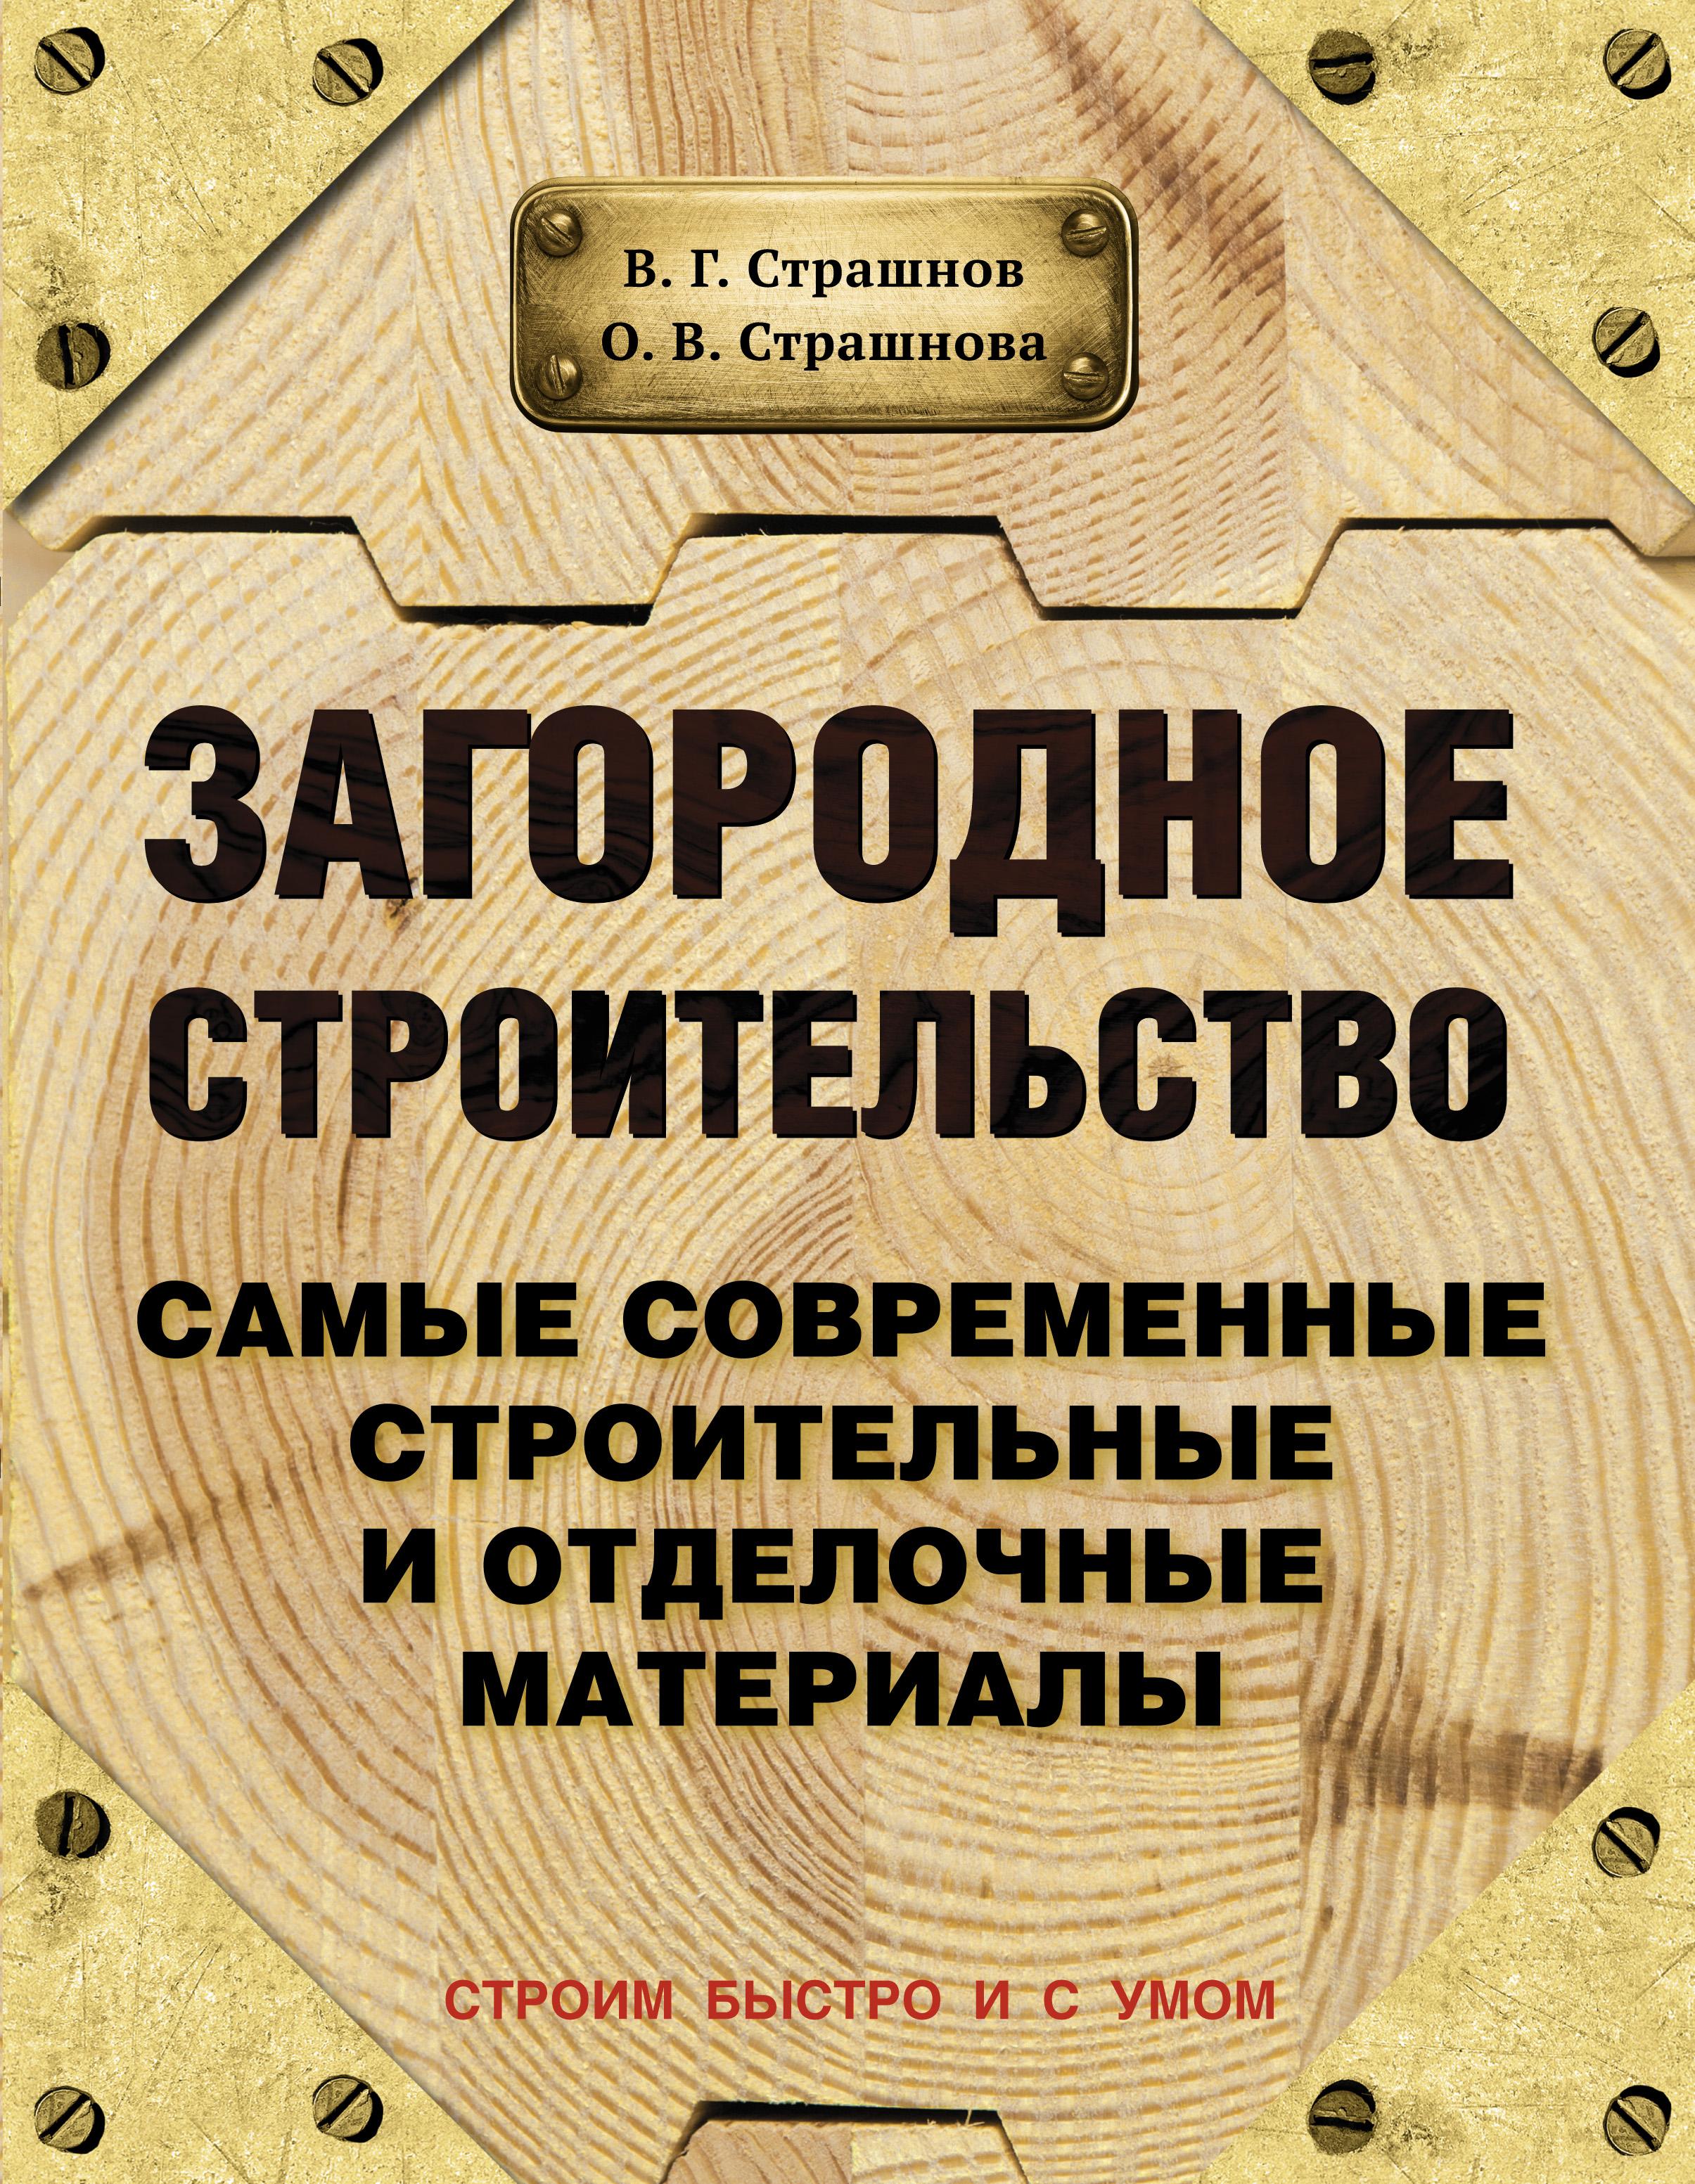 В. Г. Страшнов, О. В. Страшнова. Загородное строительство. Самые современные строительные и отделочные материалы